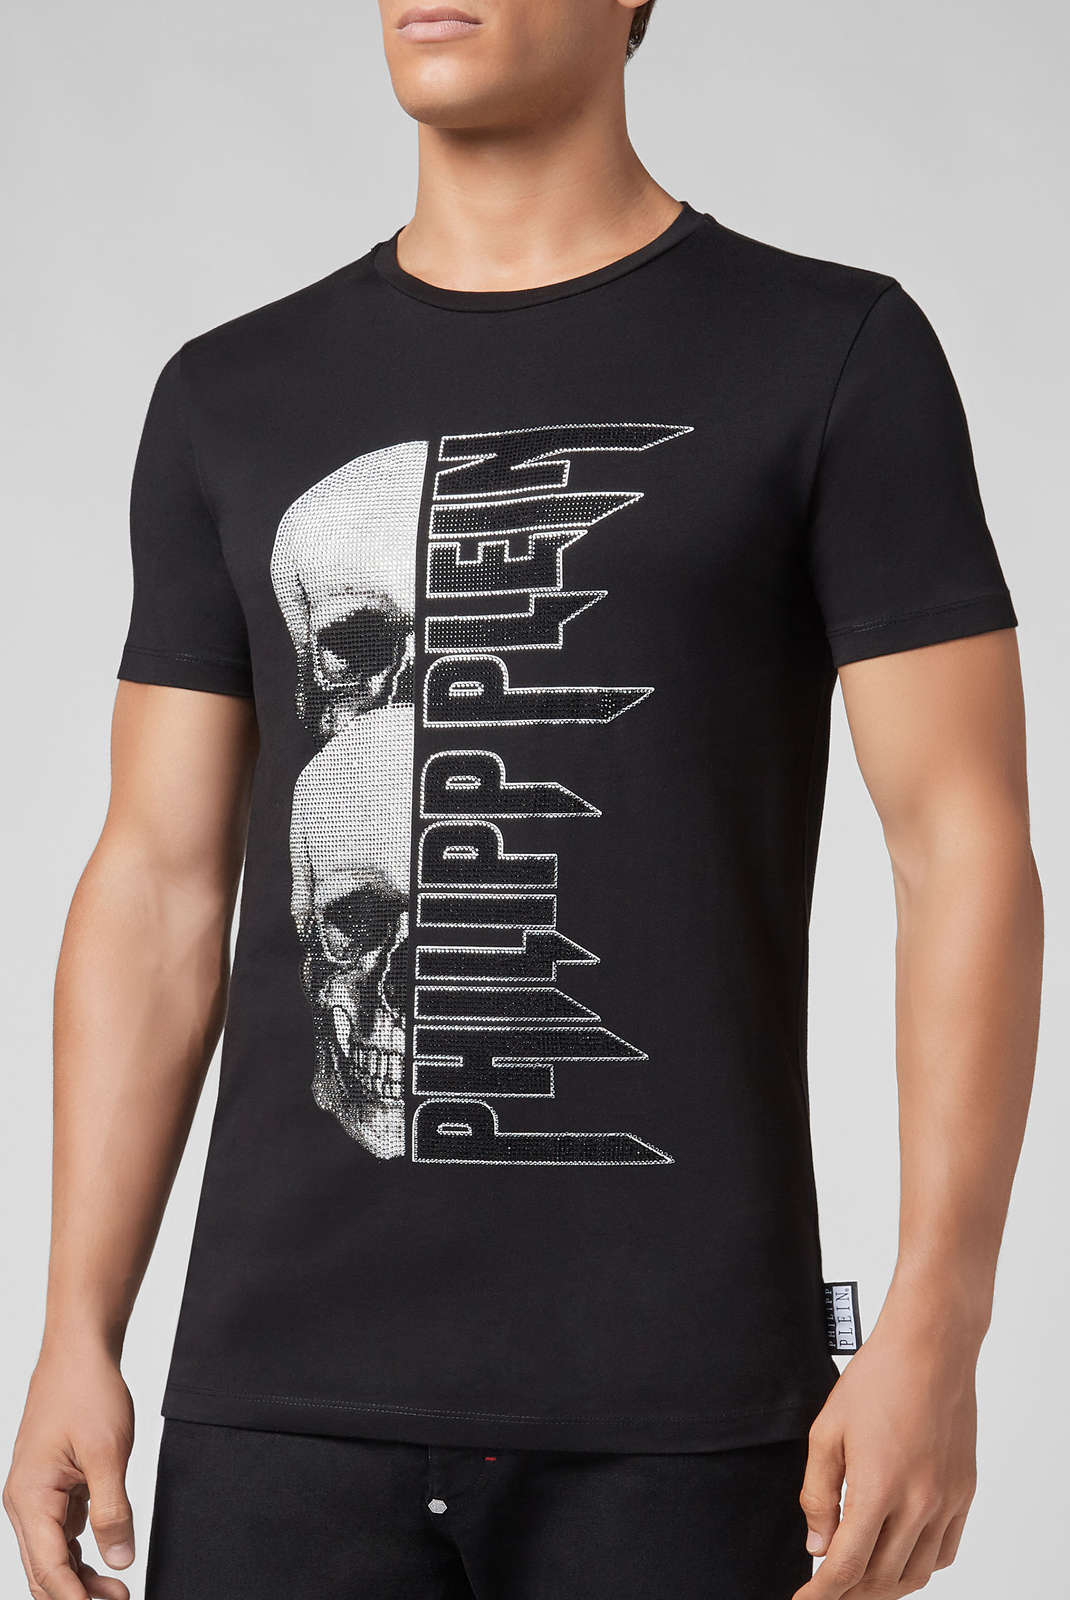 Tee-shirts  Philipp plein MTK3036 SKULL 02 NOIR